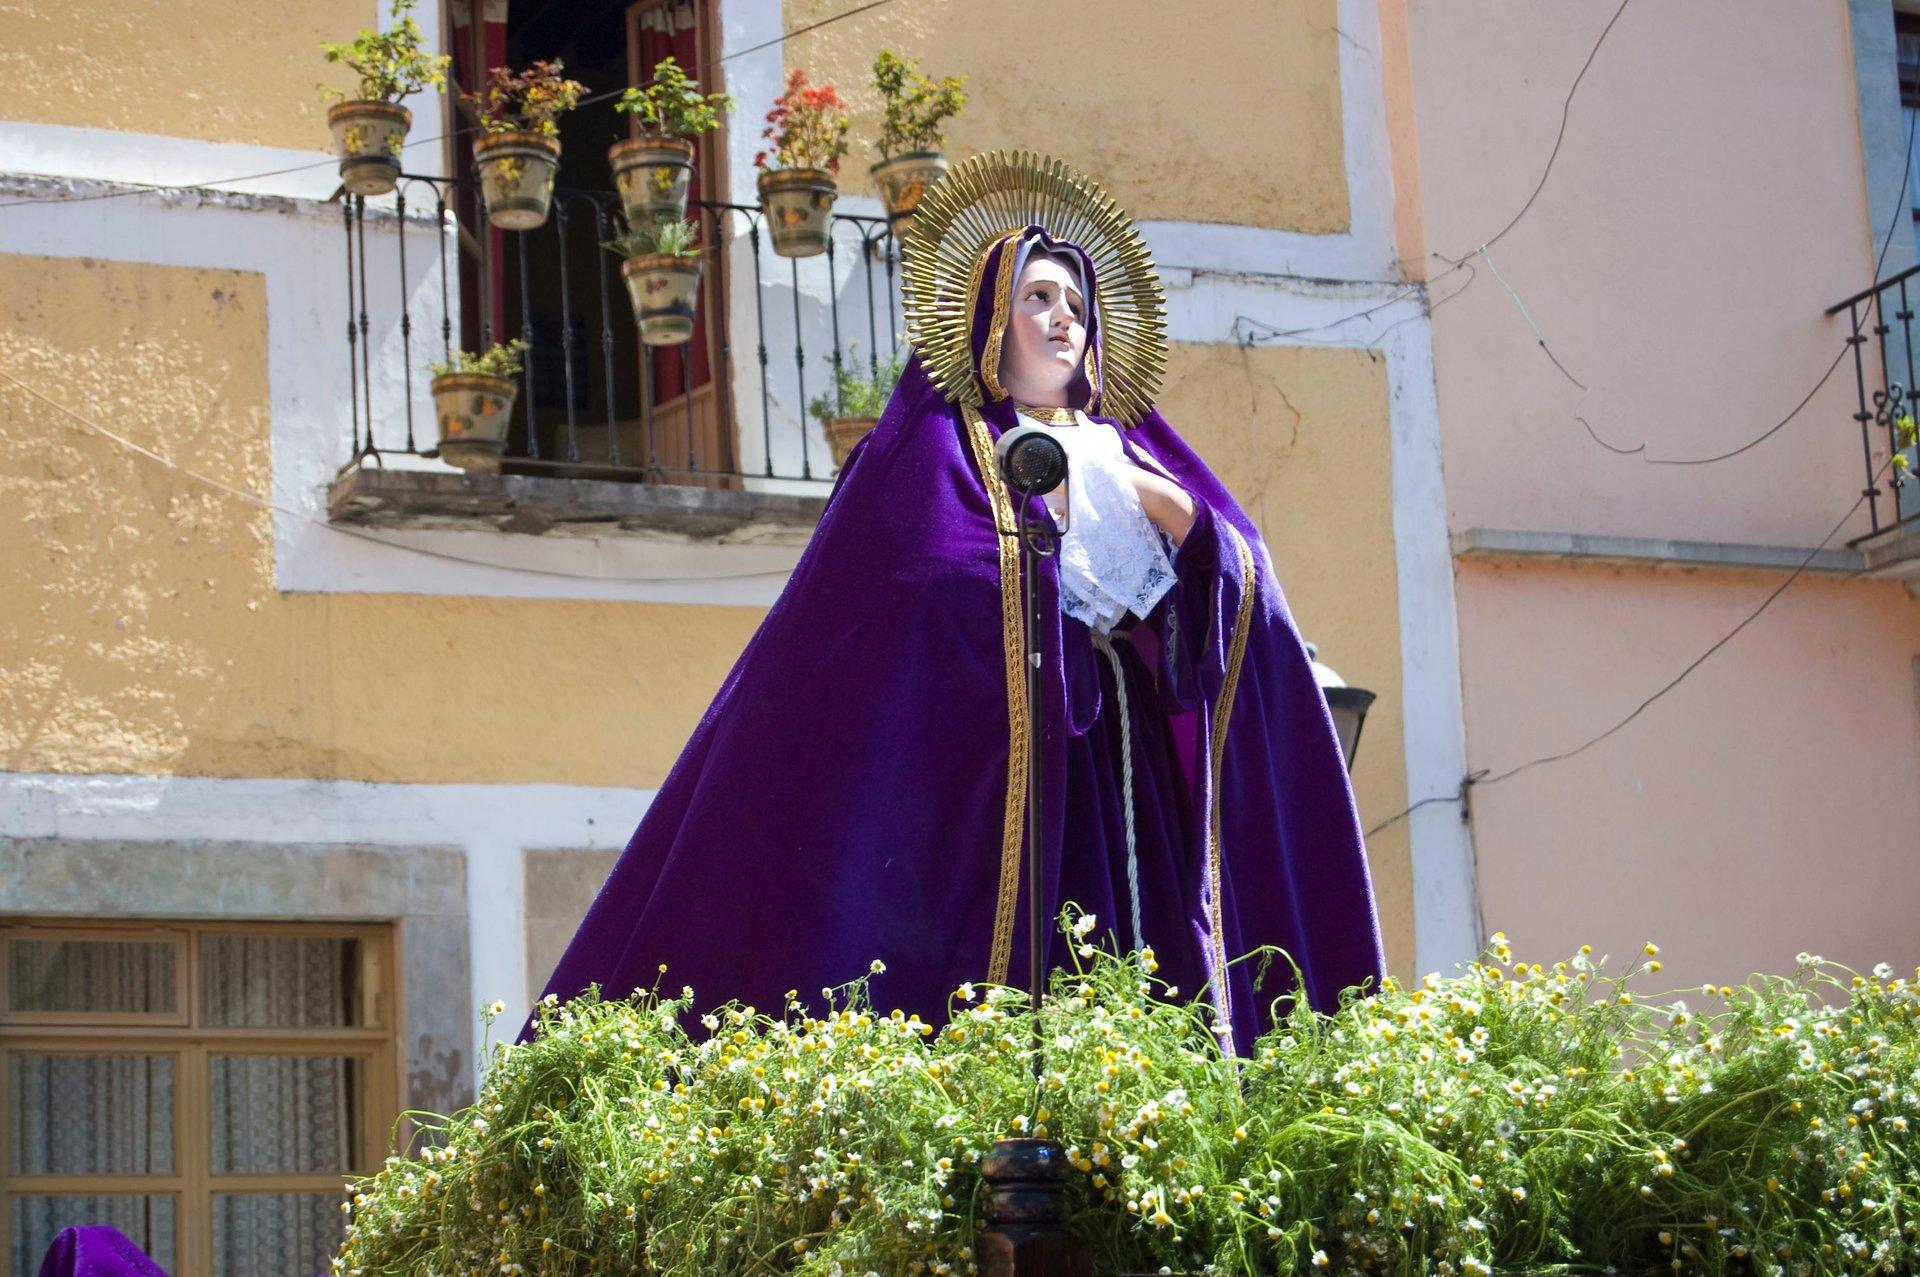 Semana Santa in Guanajuato